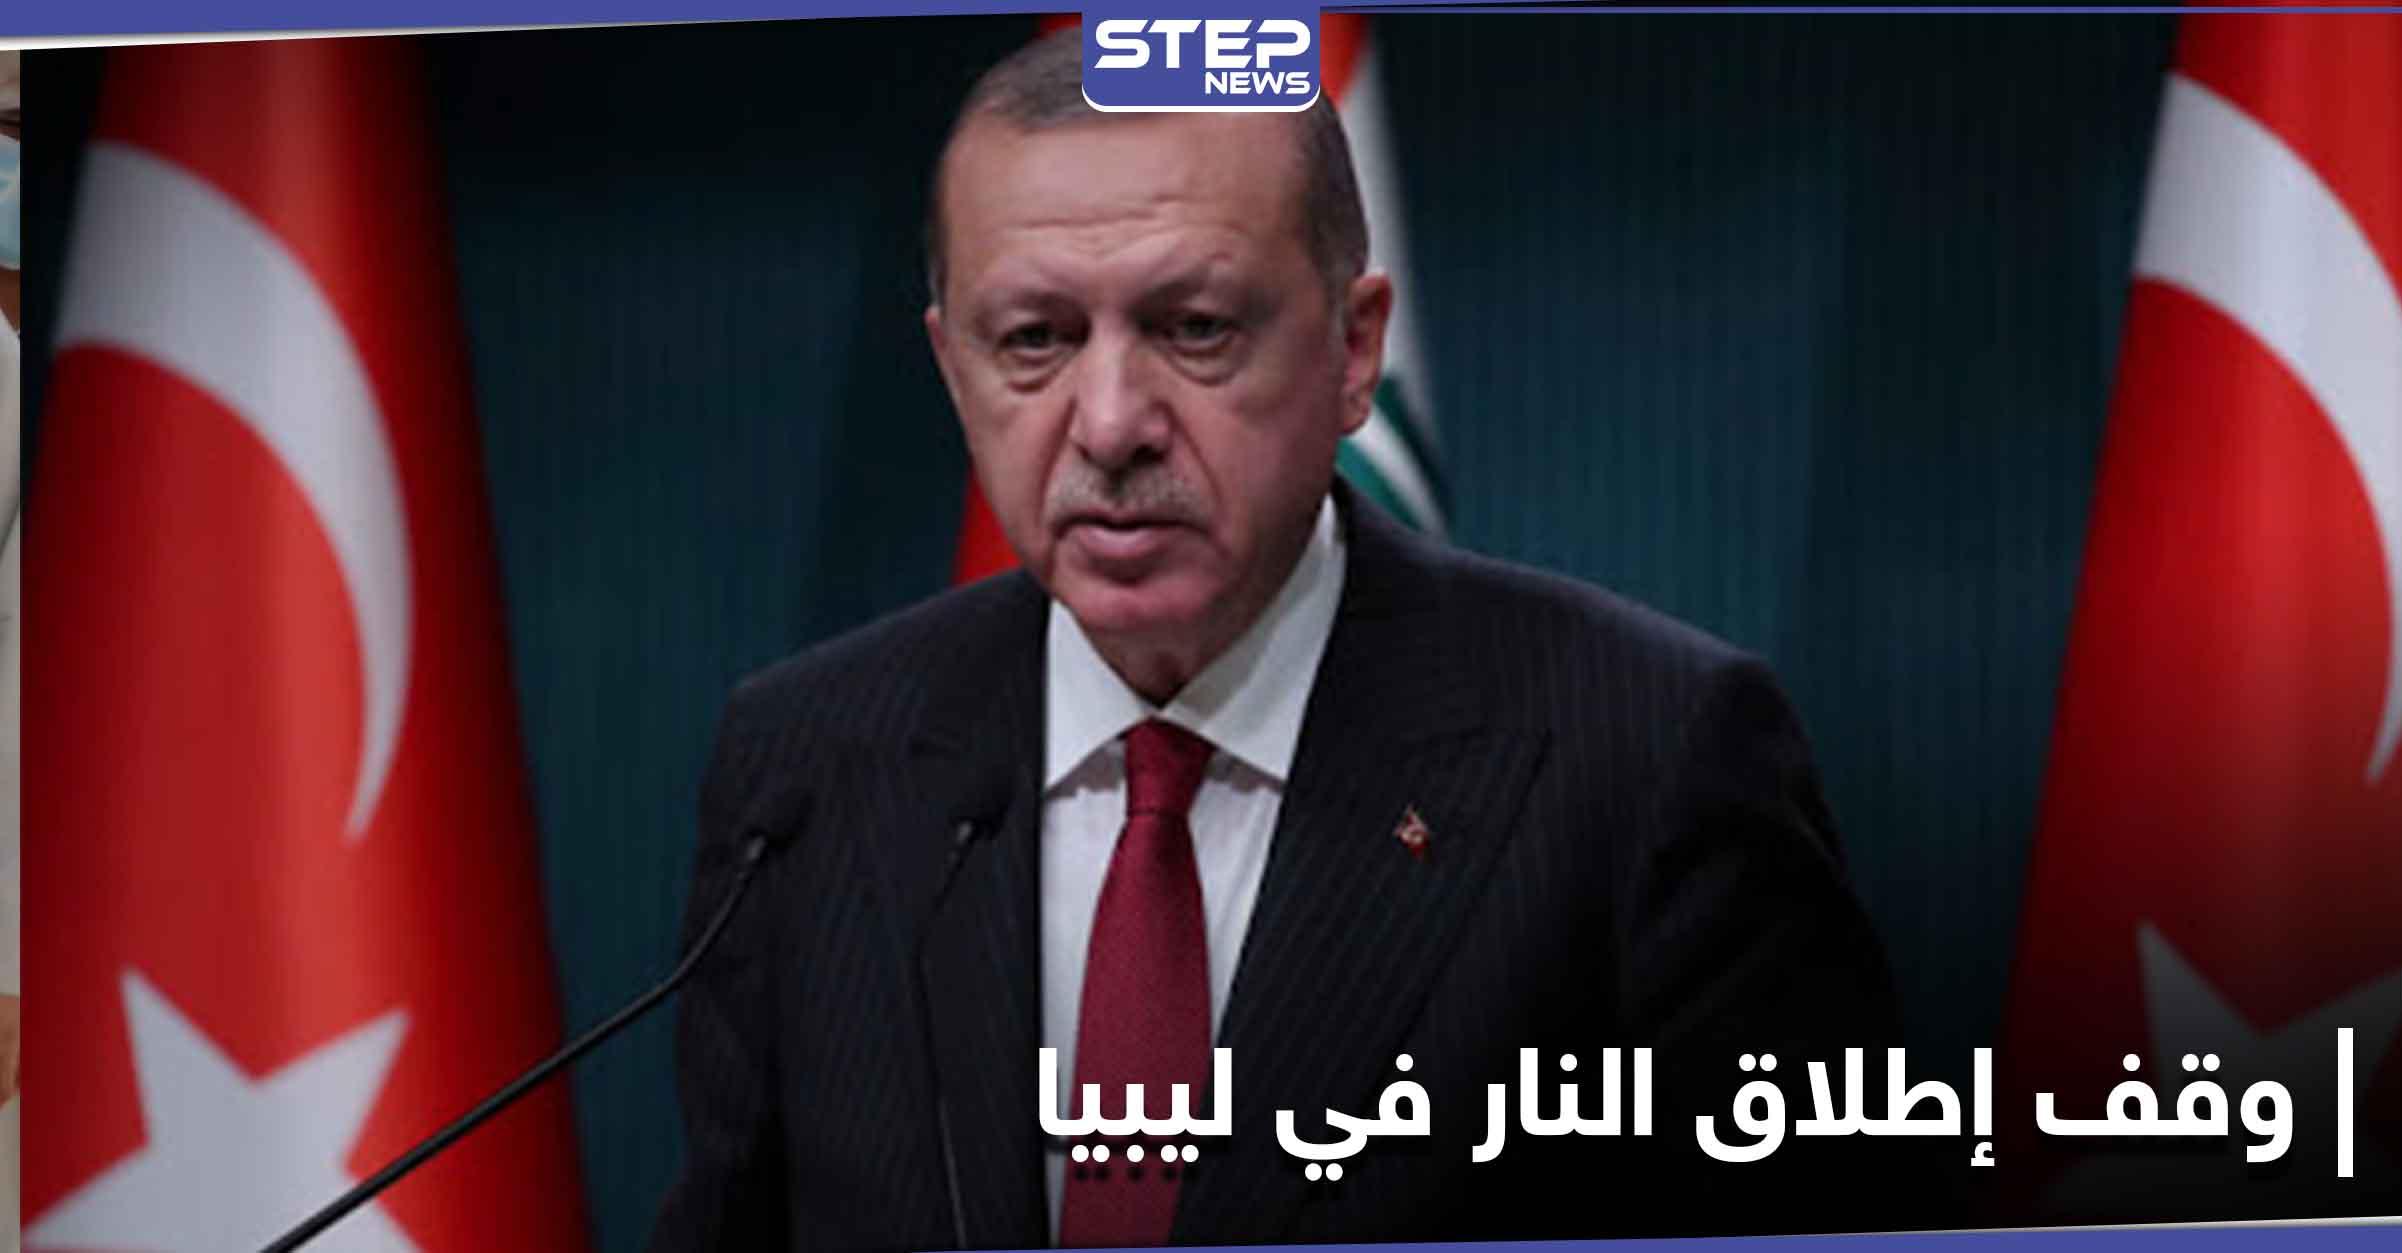 الرئيس التركي يعلن موقفه من إتفاق وقف اطلاق النار في ليبيا